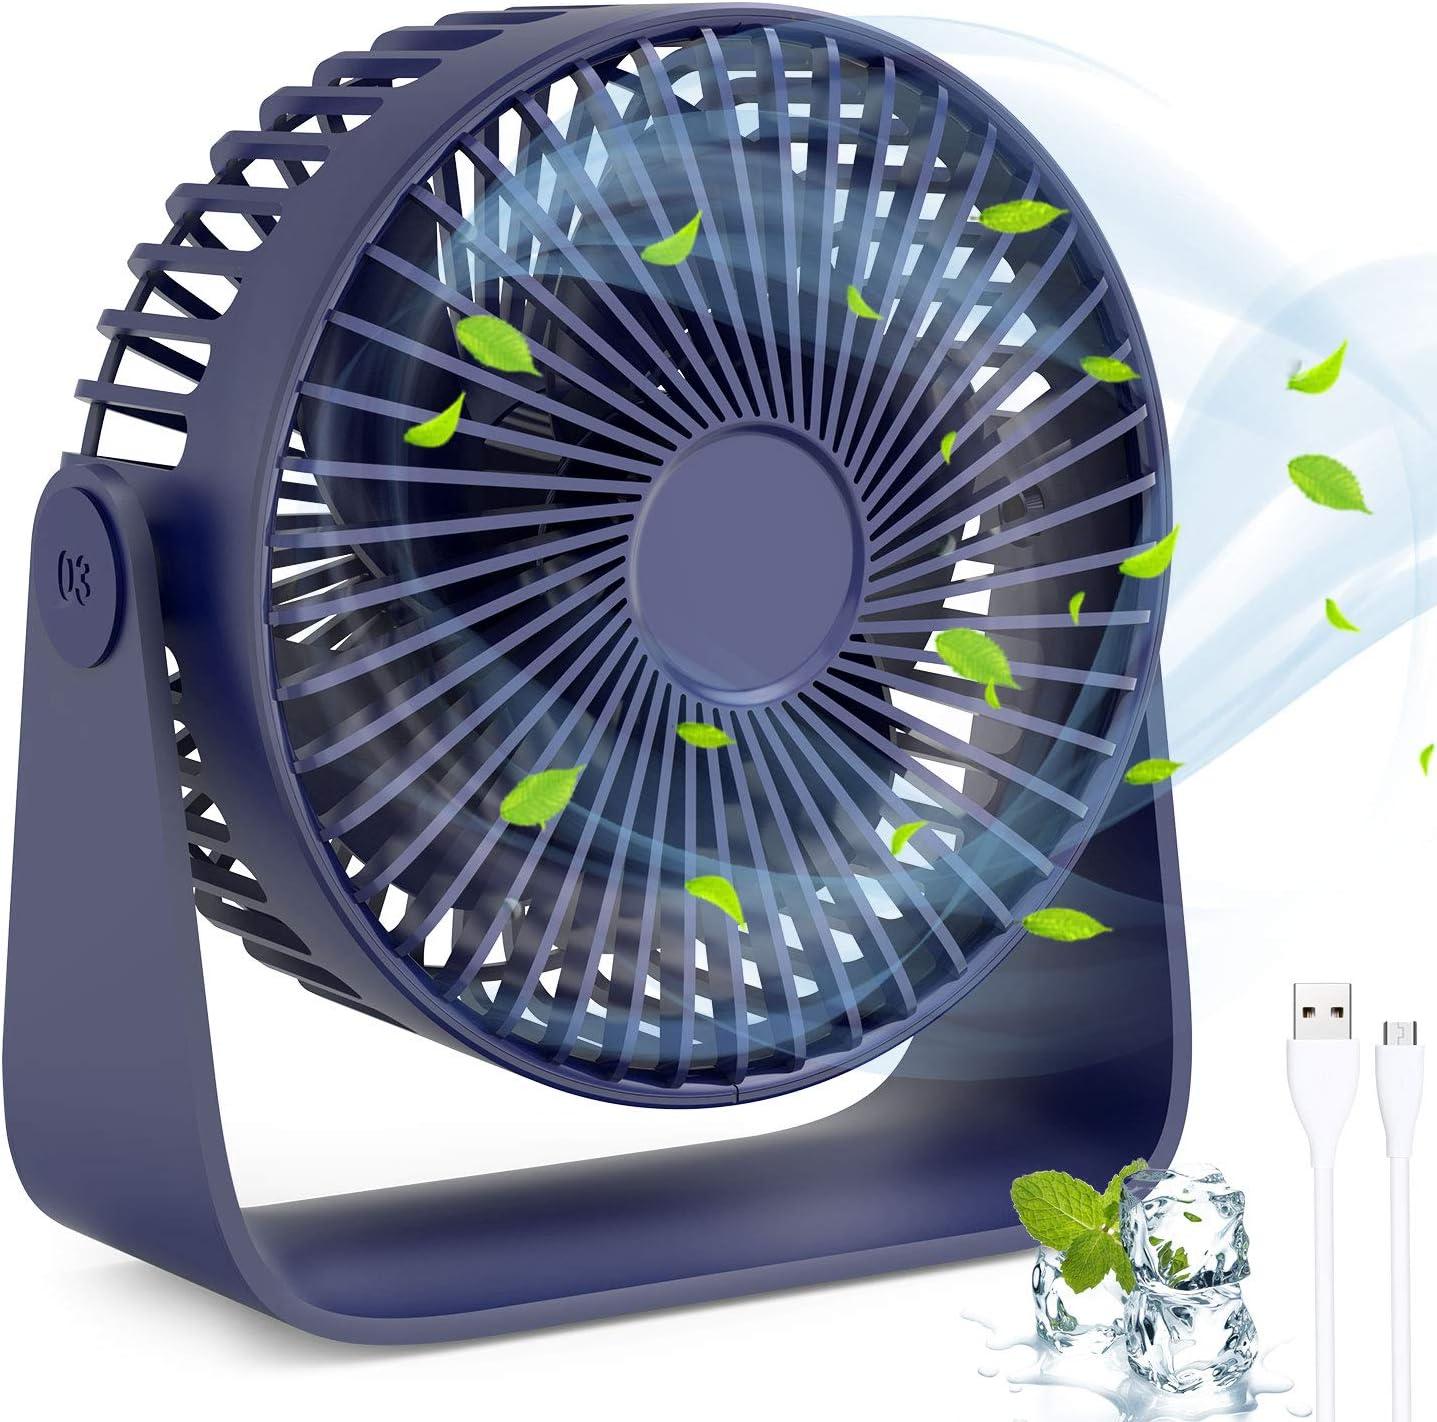 TedGem Mini Ventilador USB, Ventilador de Mesa 360 ° Rotación, Ventilador USB Silencioso Puede Poner Aceites de Aromaterapia, 3 Ajustable Velocidades para el Hogar, Oficina, USB Alimentado(Azul)